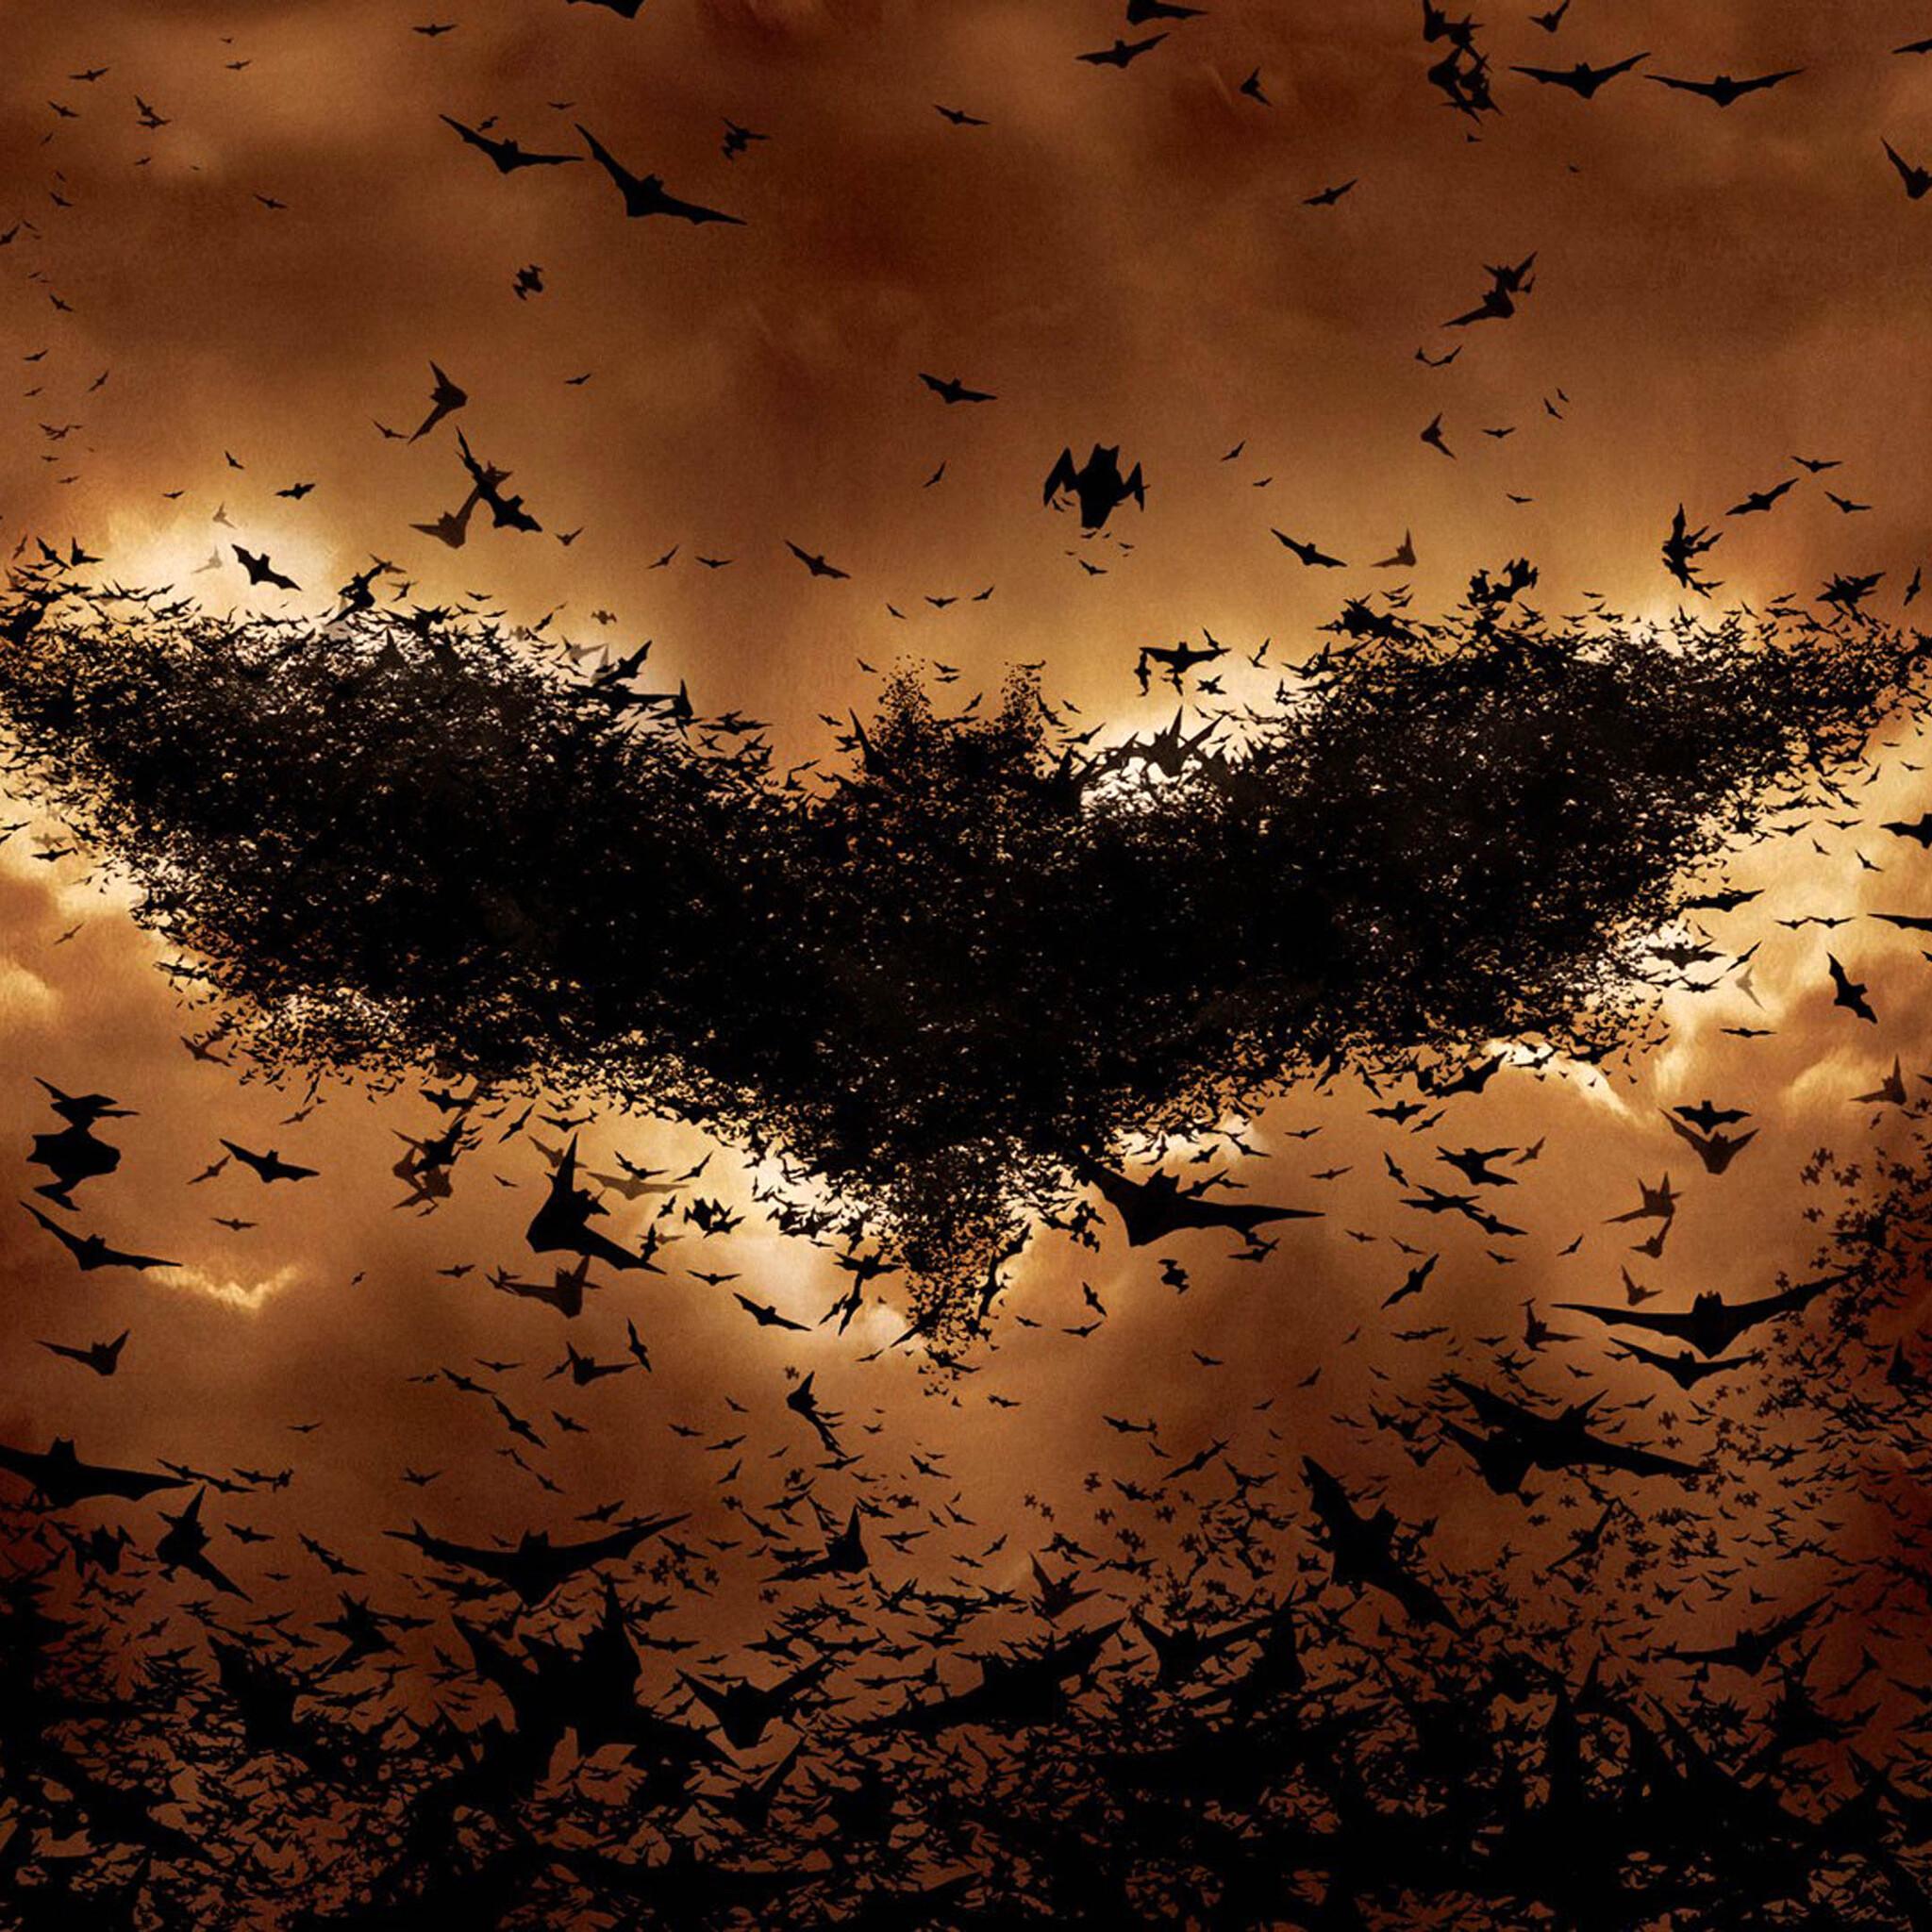 2048x2048 Batman Begins Bat Symbol Ipad Air HD 4k